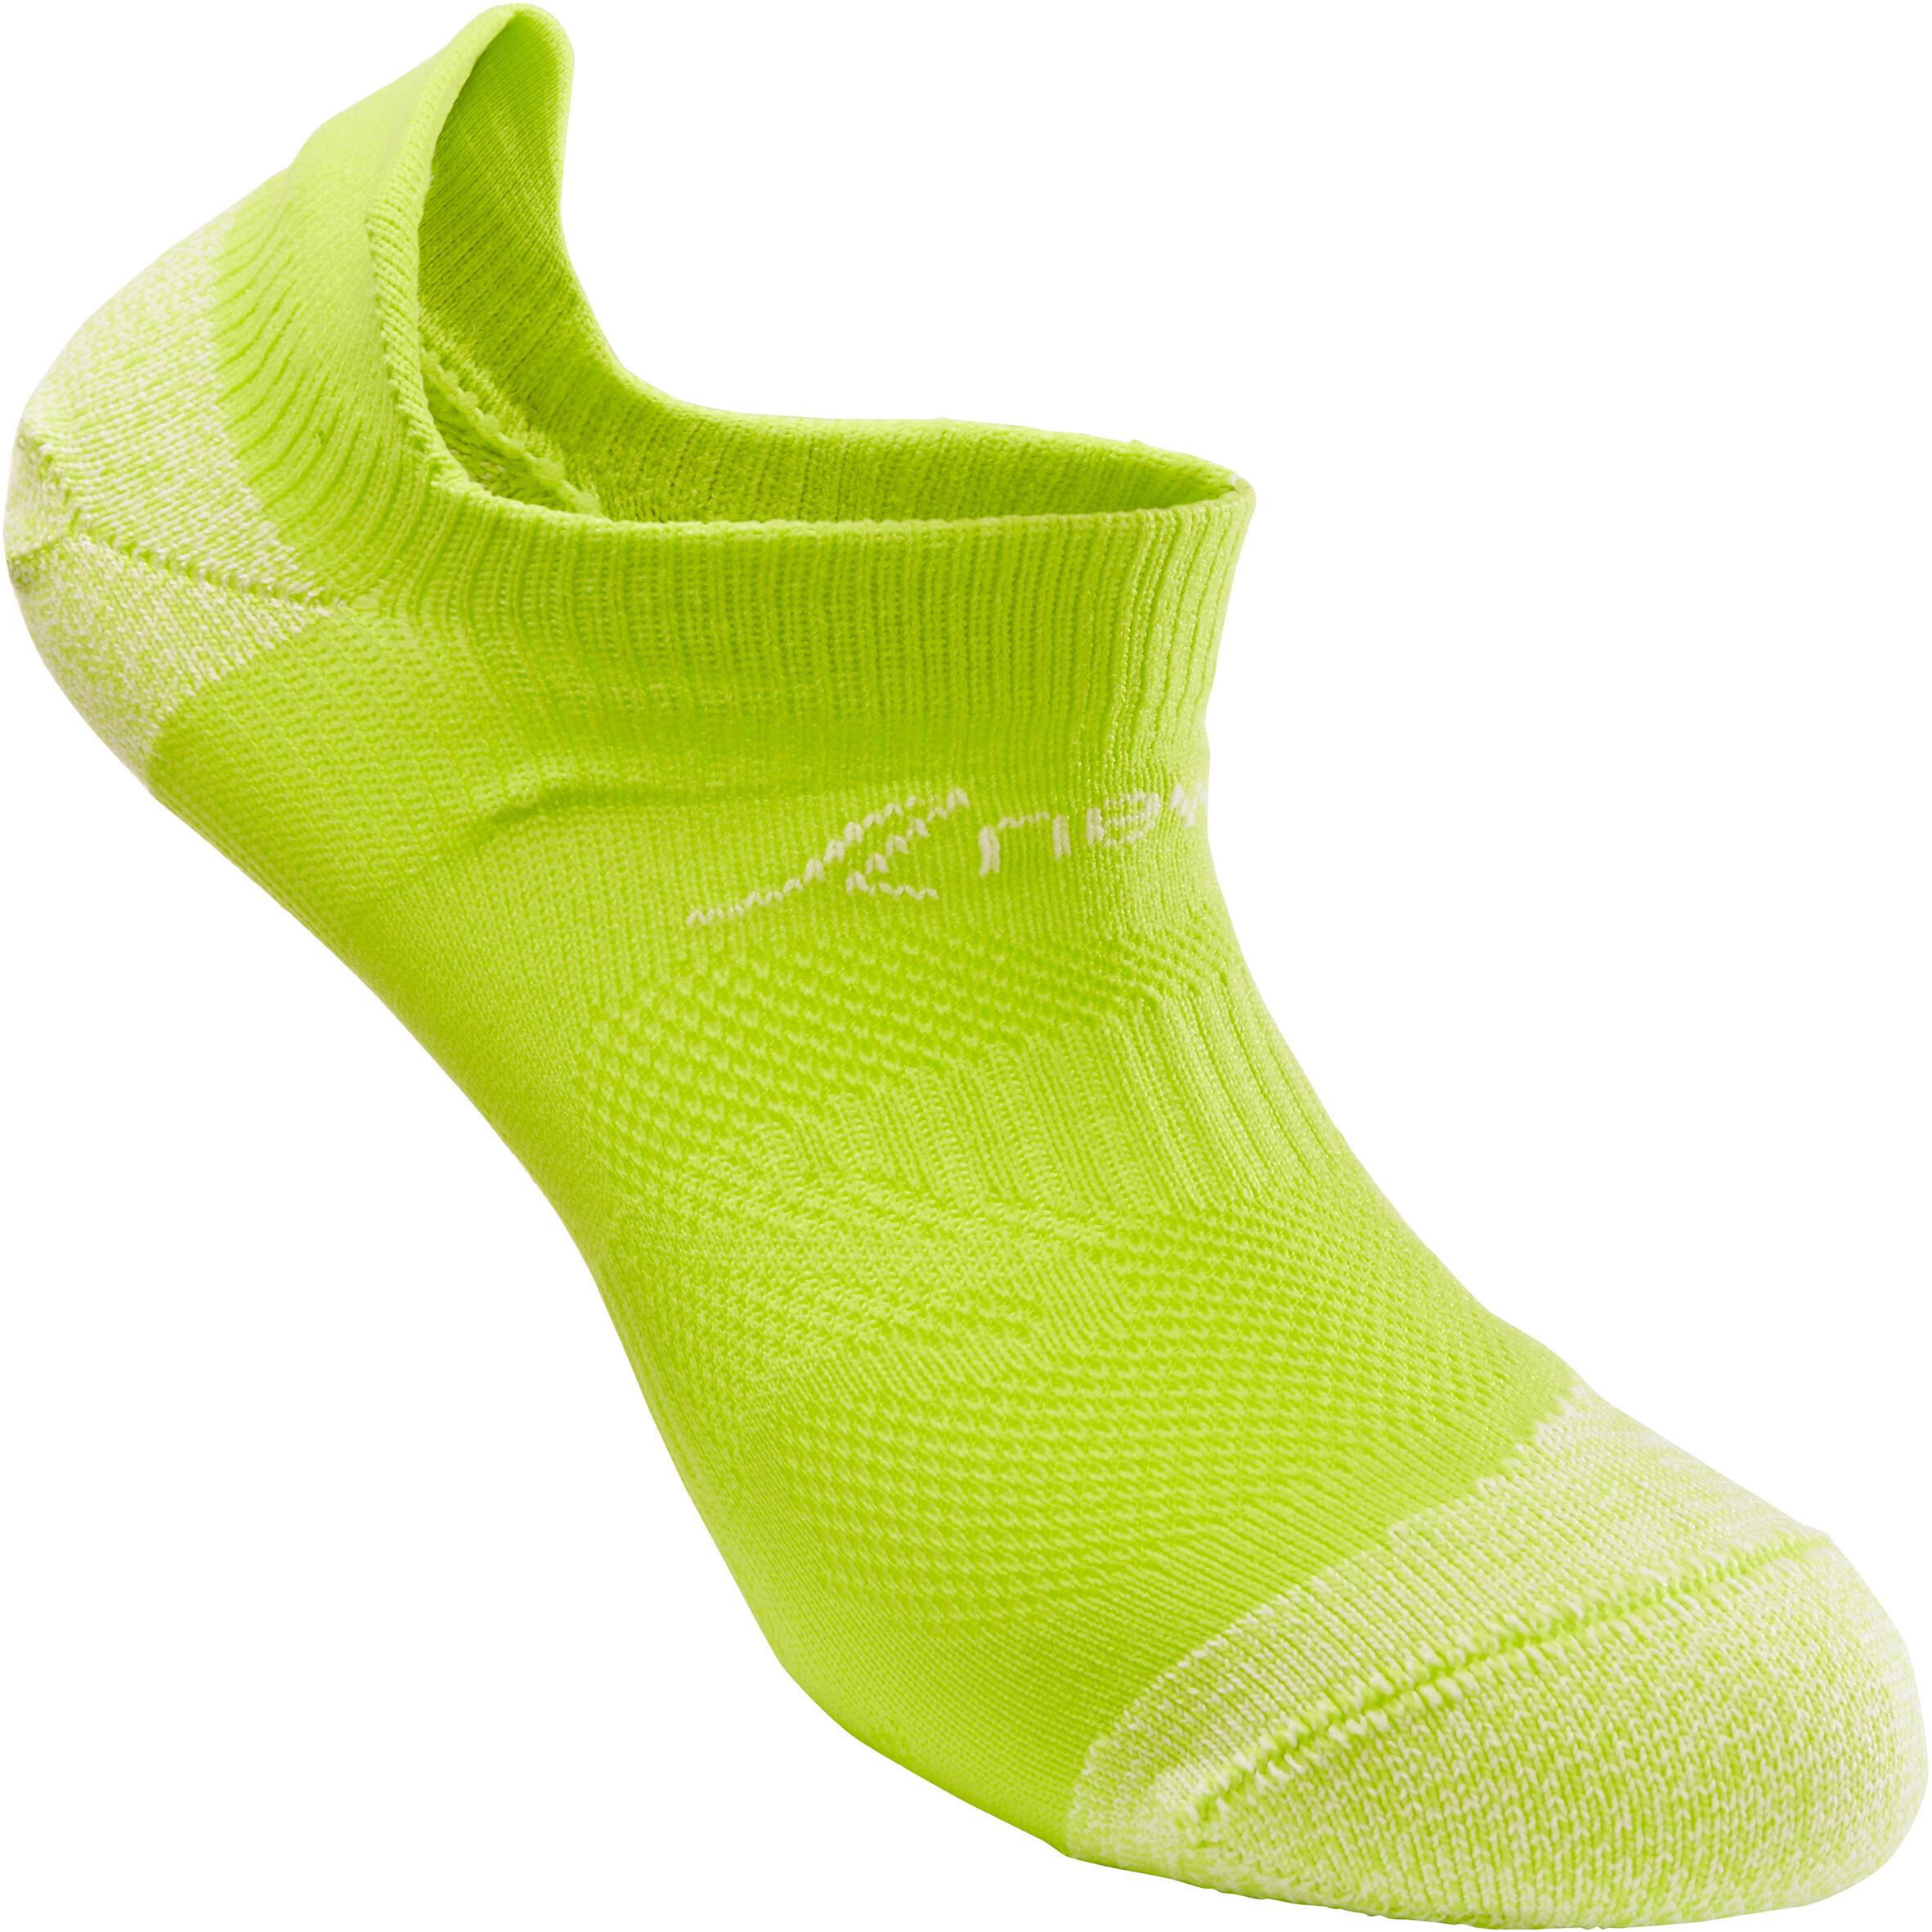 Newfeel Kindersokken voor sportief wandelen WS 500 Fresh groen kopen